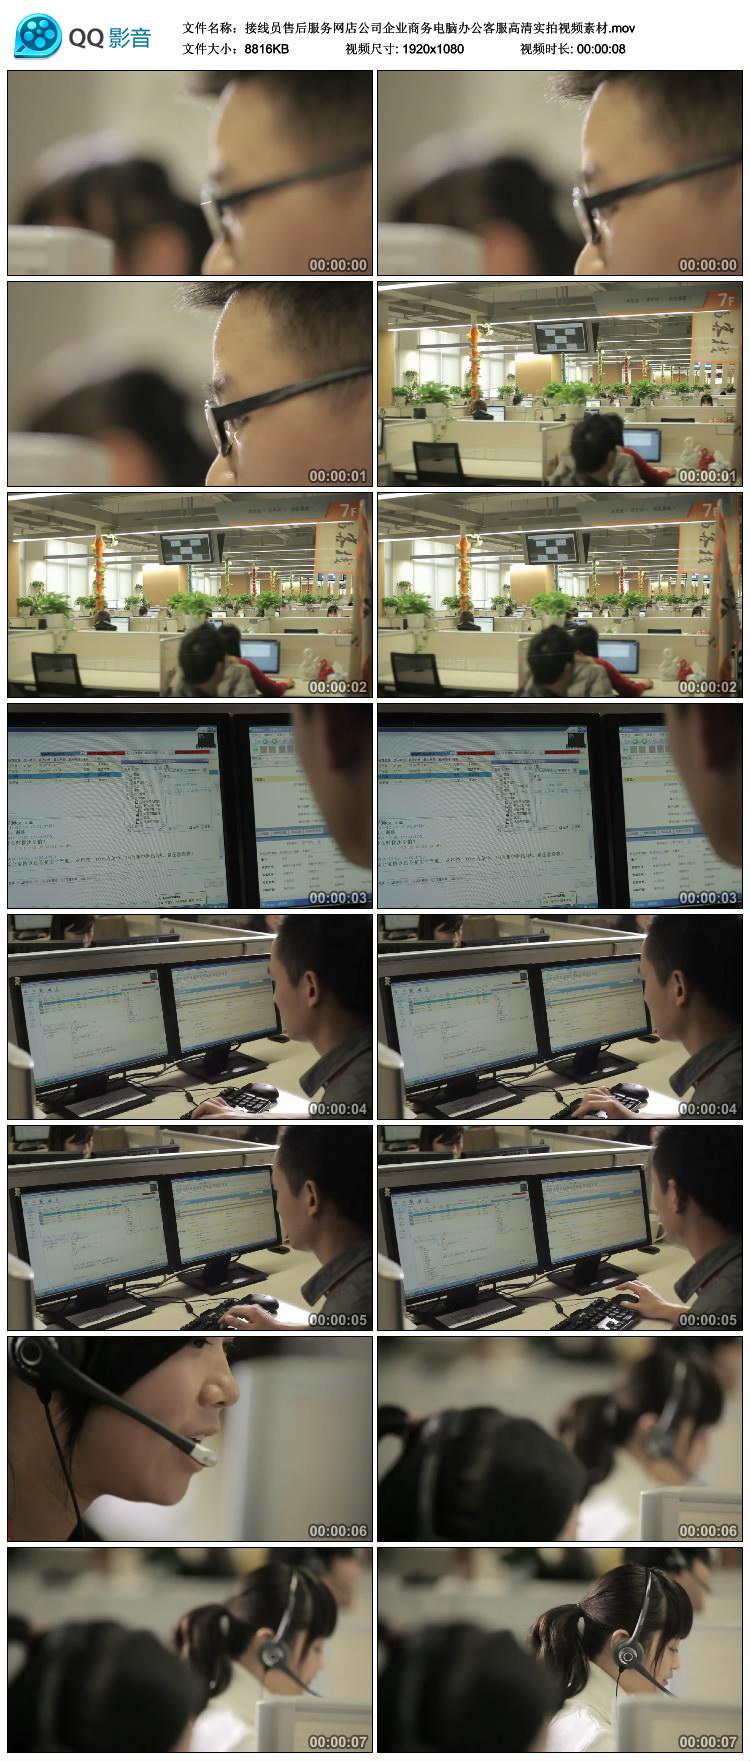 接线员售后服务网店公司企业商务电脑办公客服高清实拍视频素材